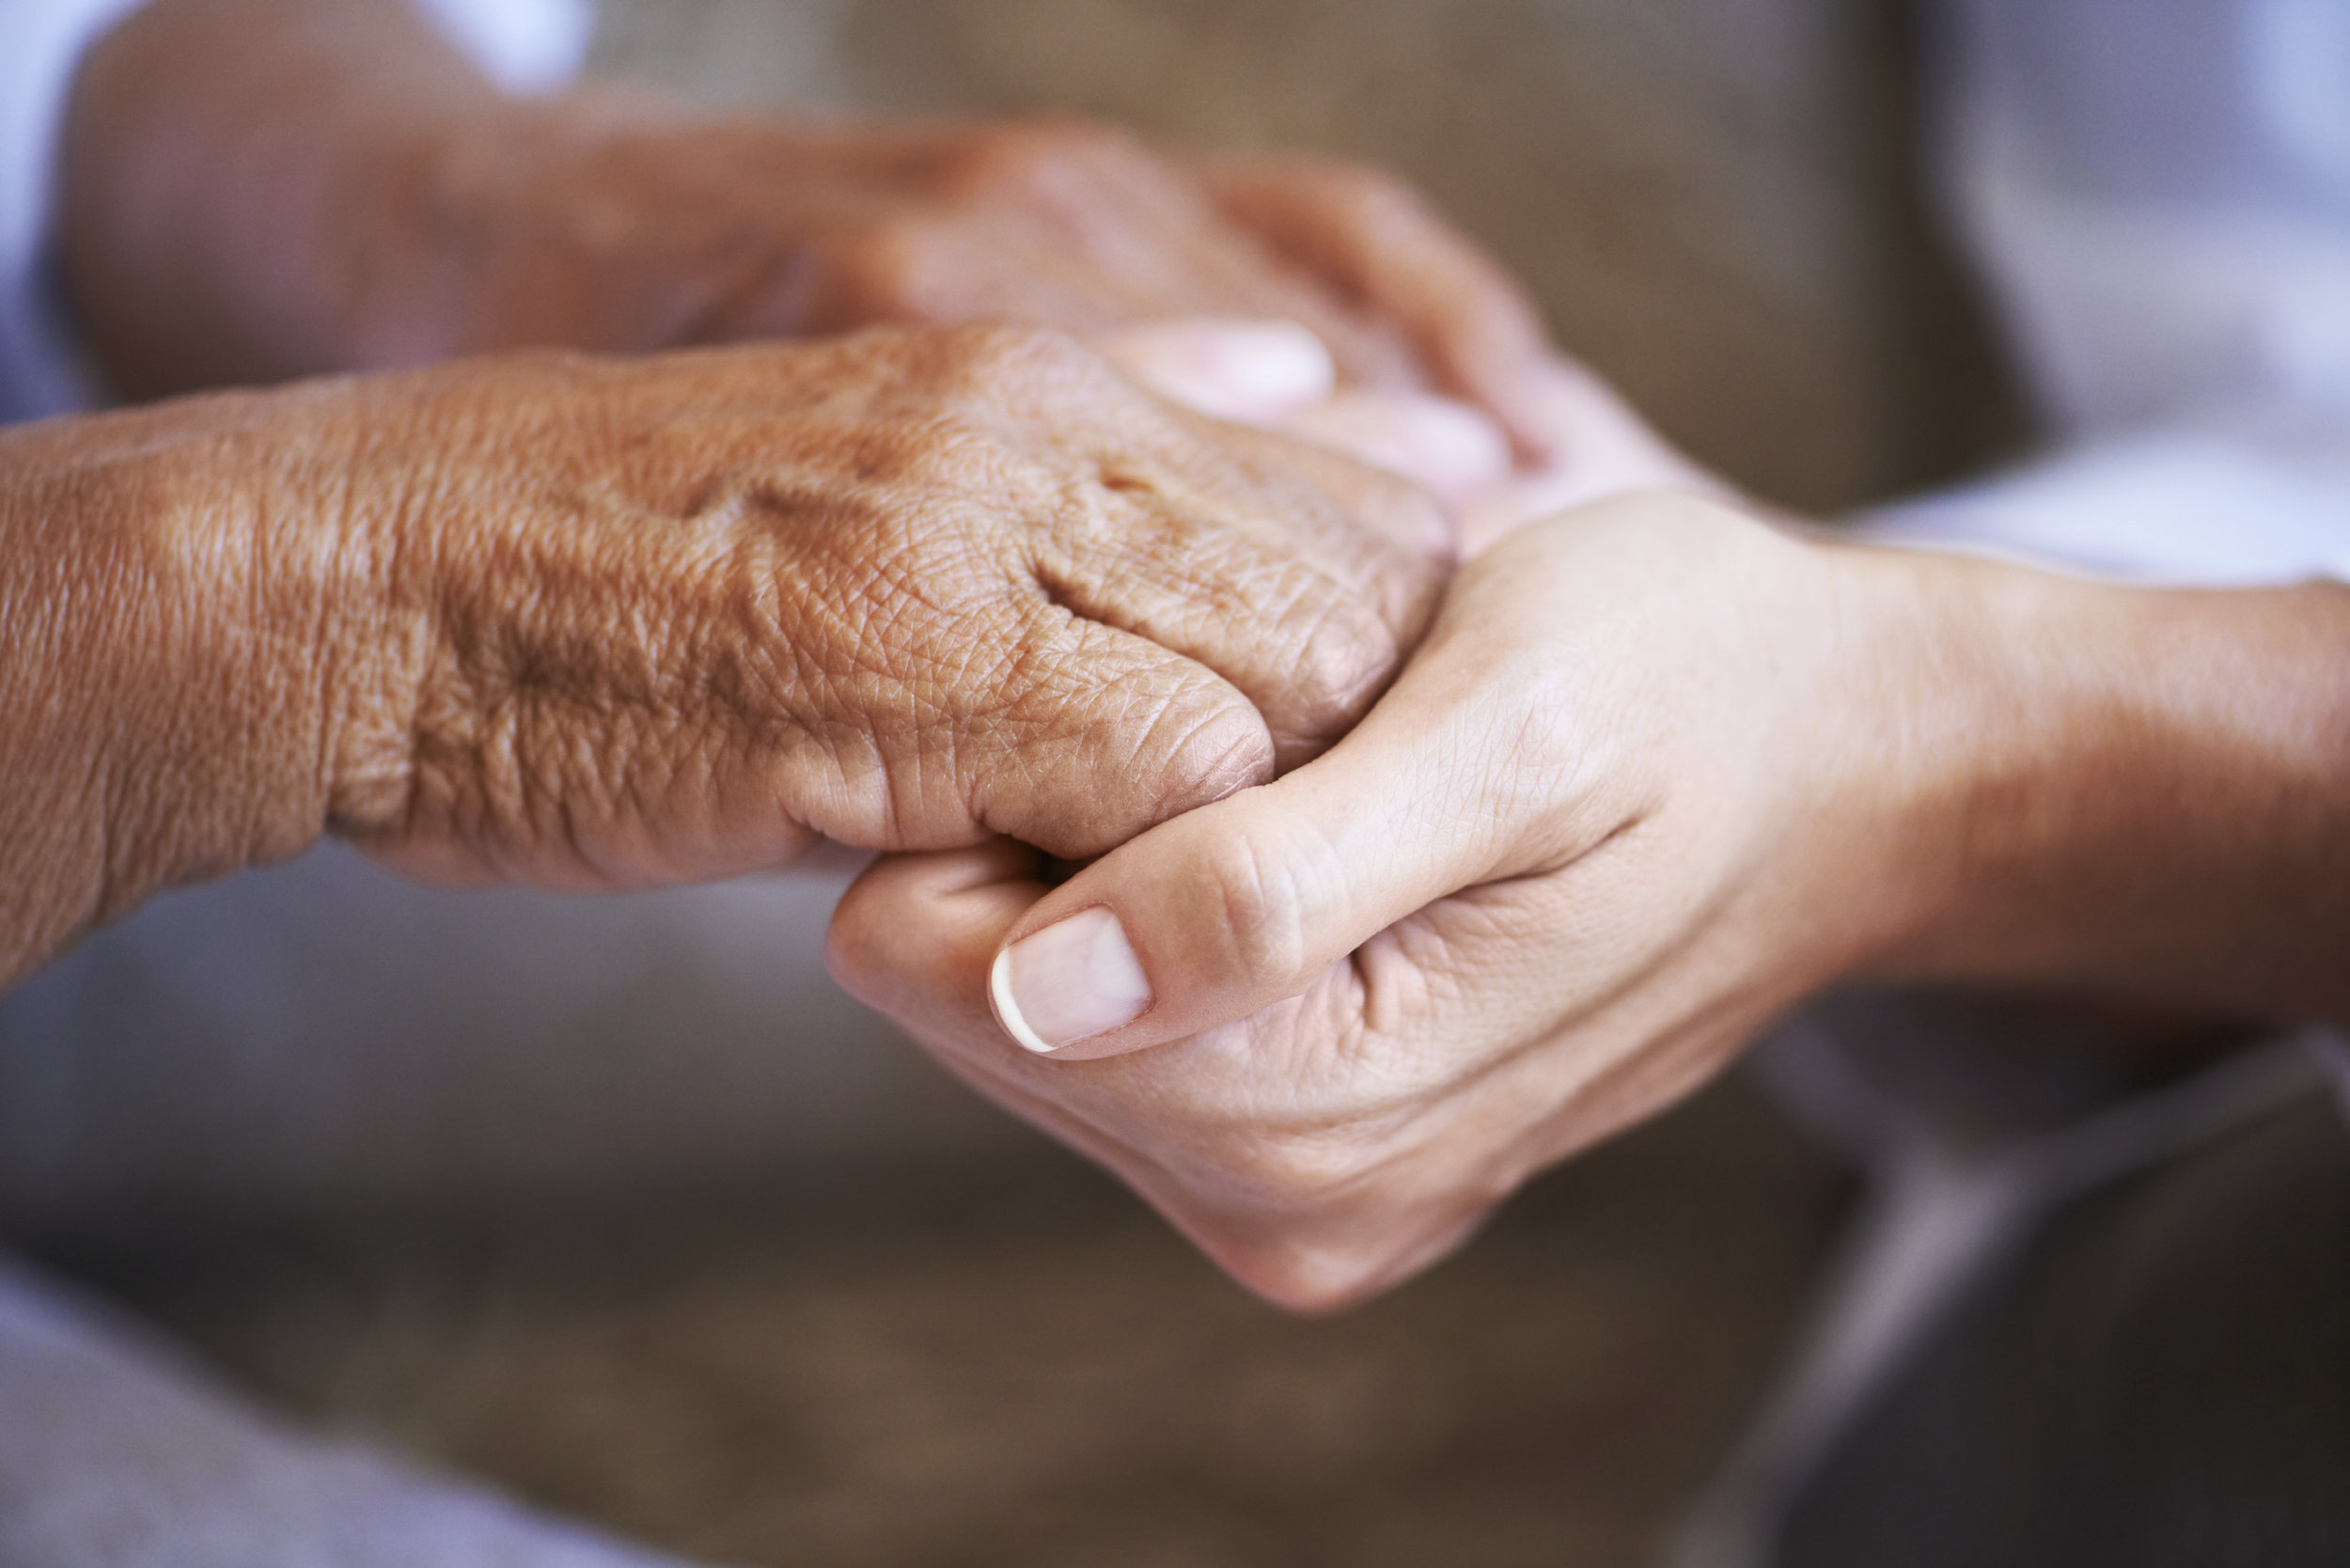 Elderly-person-hands.jpg